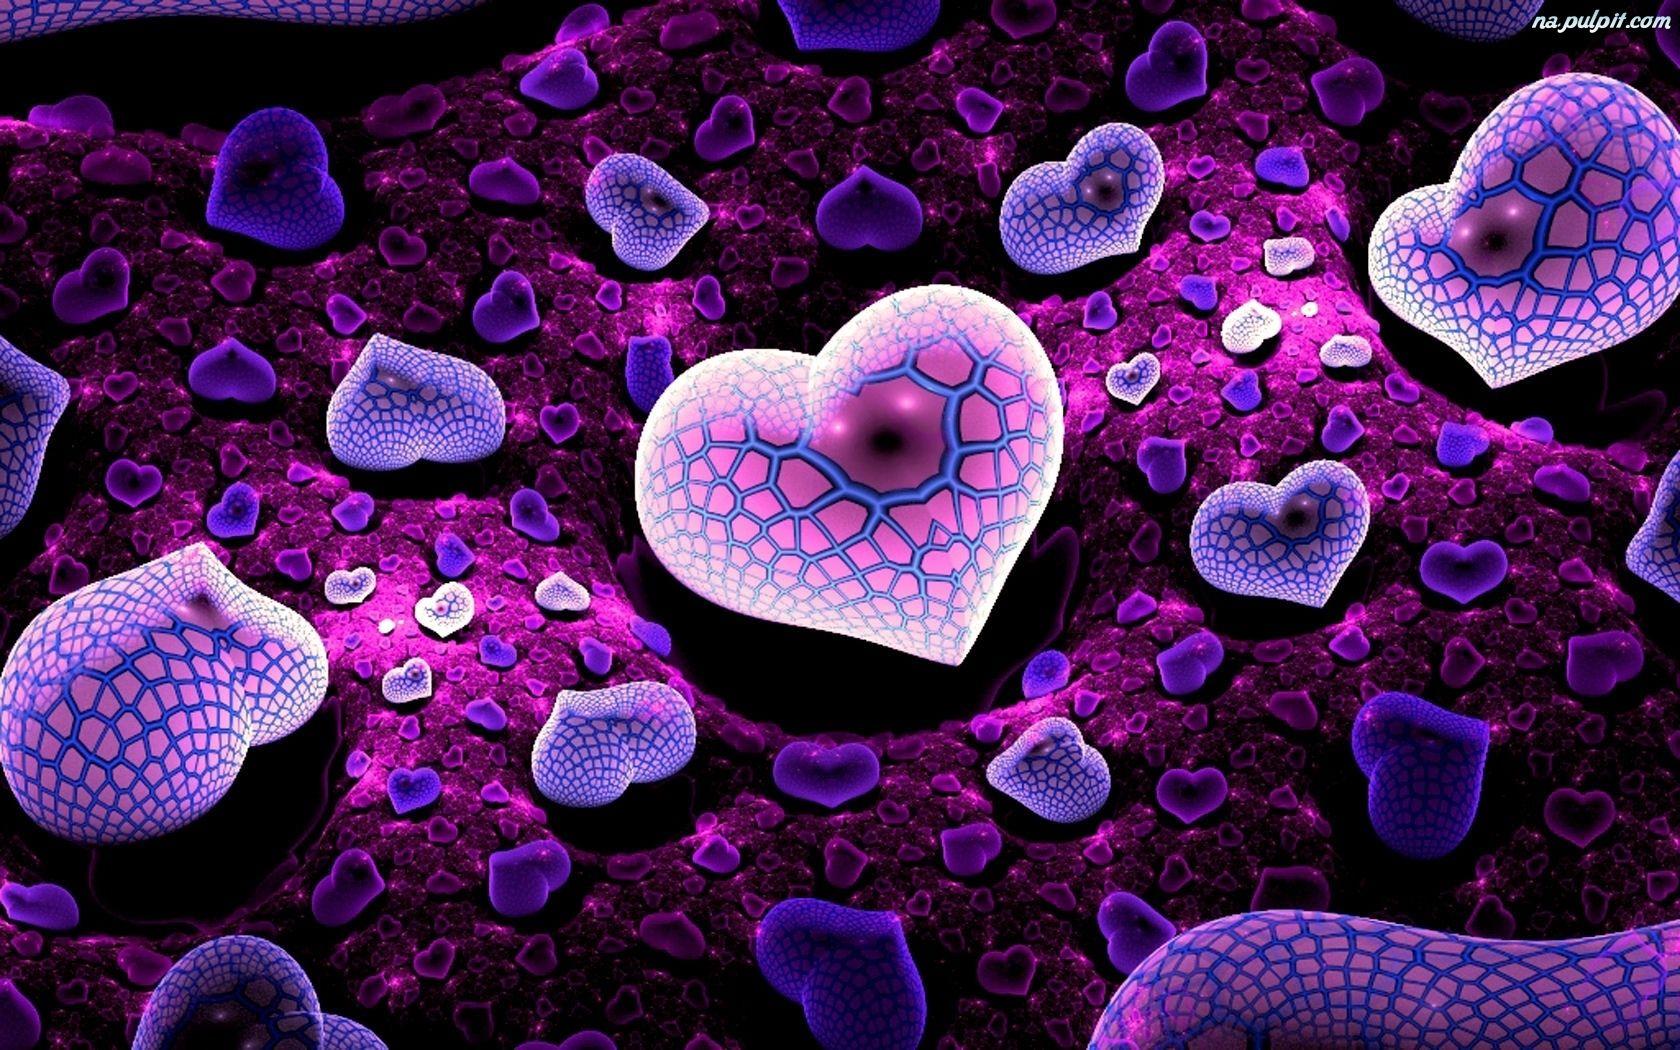 Pin Kosmiczne Tapety Na Pulpit On Pinterest Heart Wallpaper Hd Heart Wallpaper Purple Wallpaper